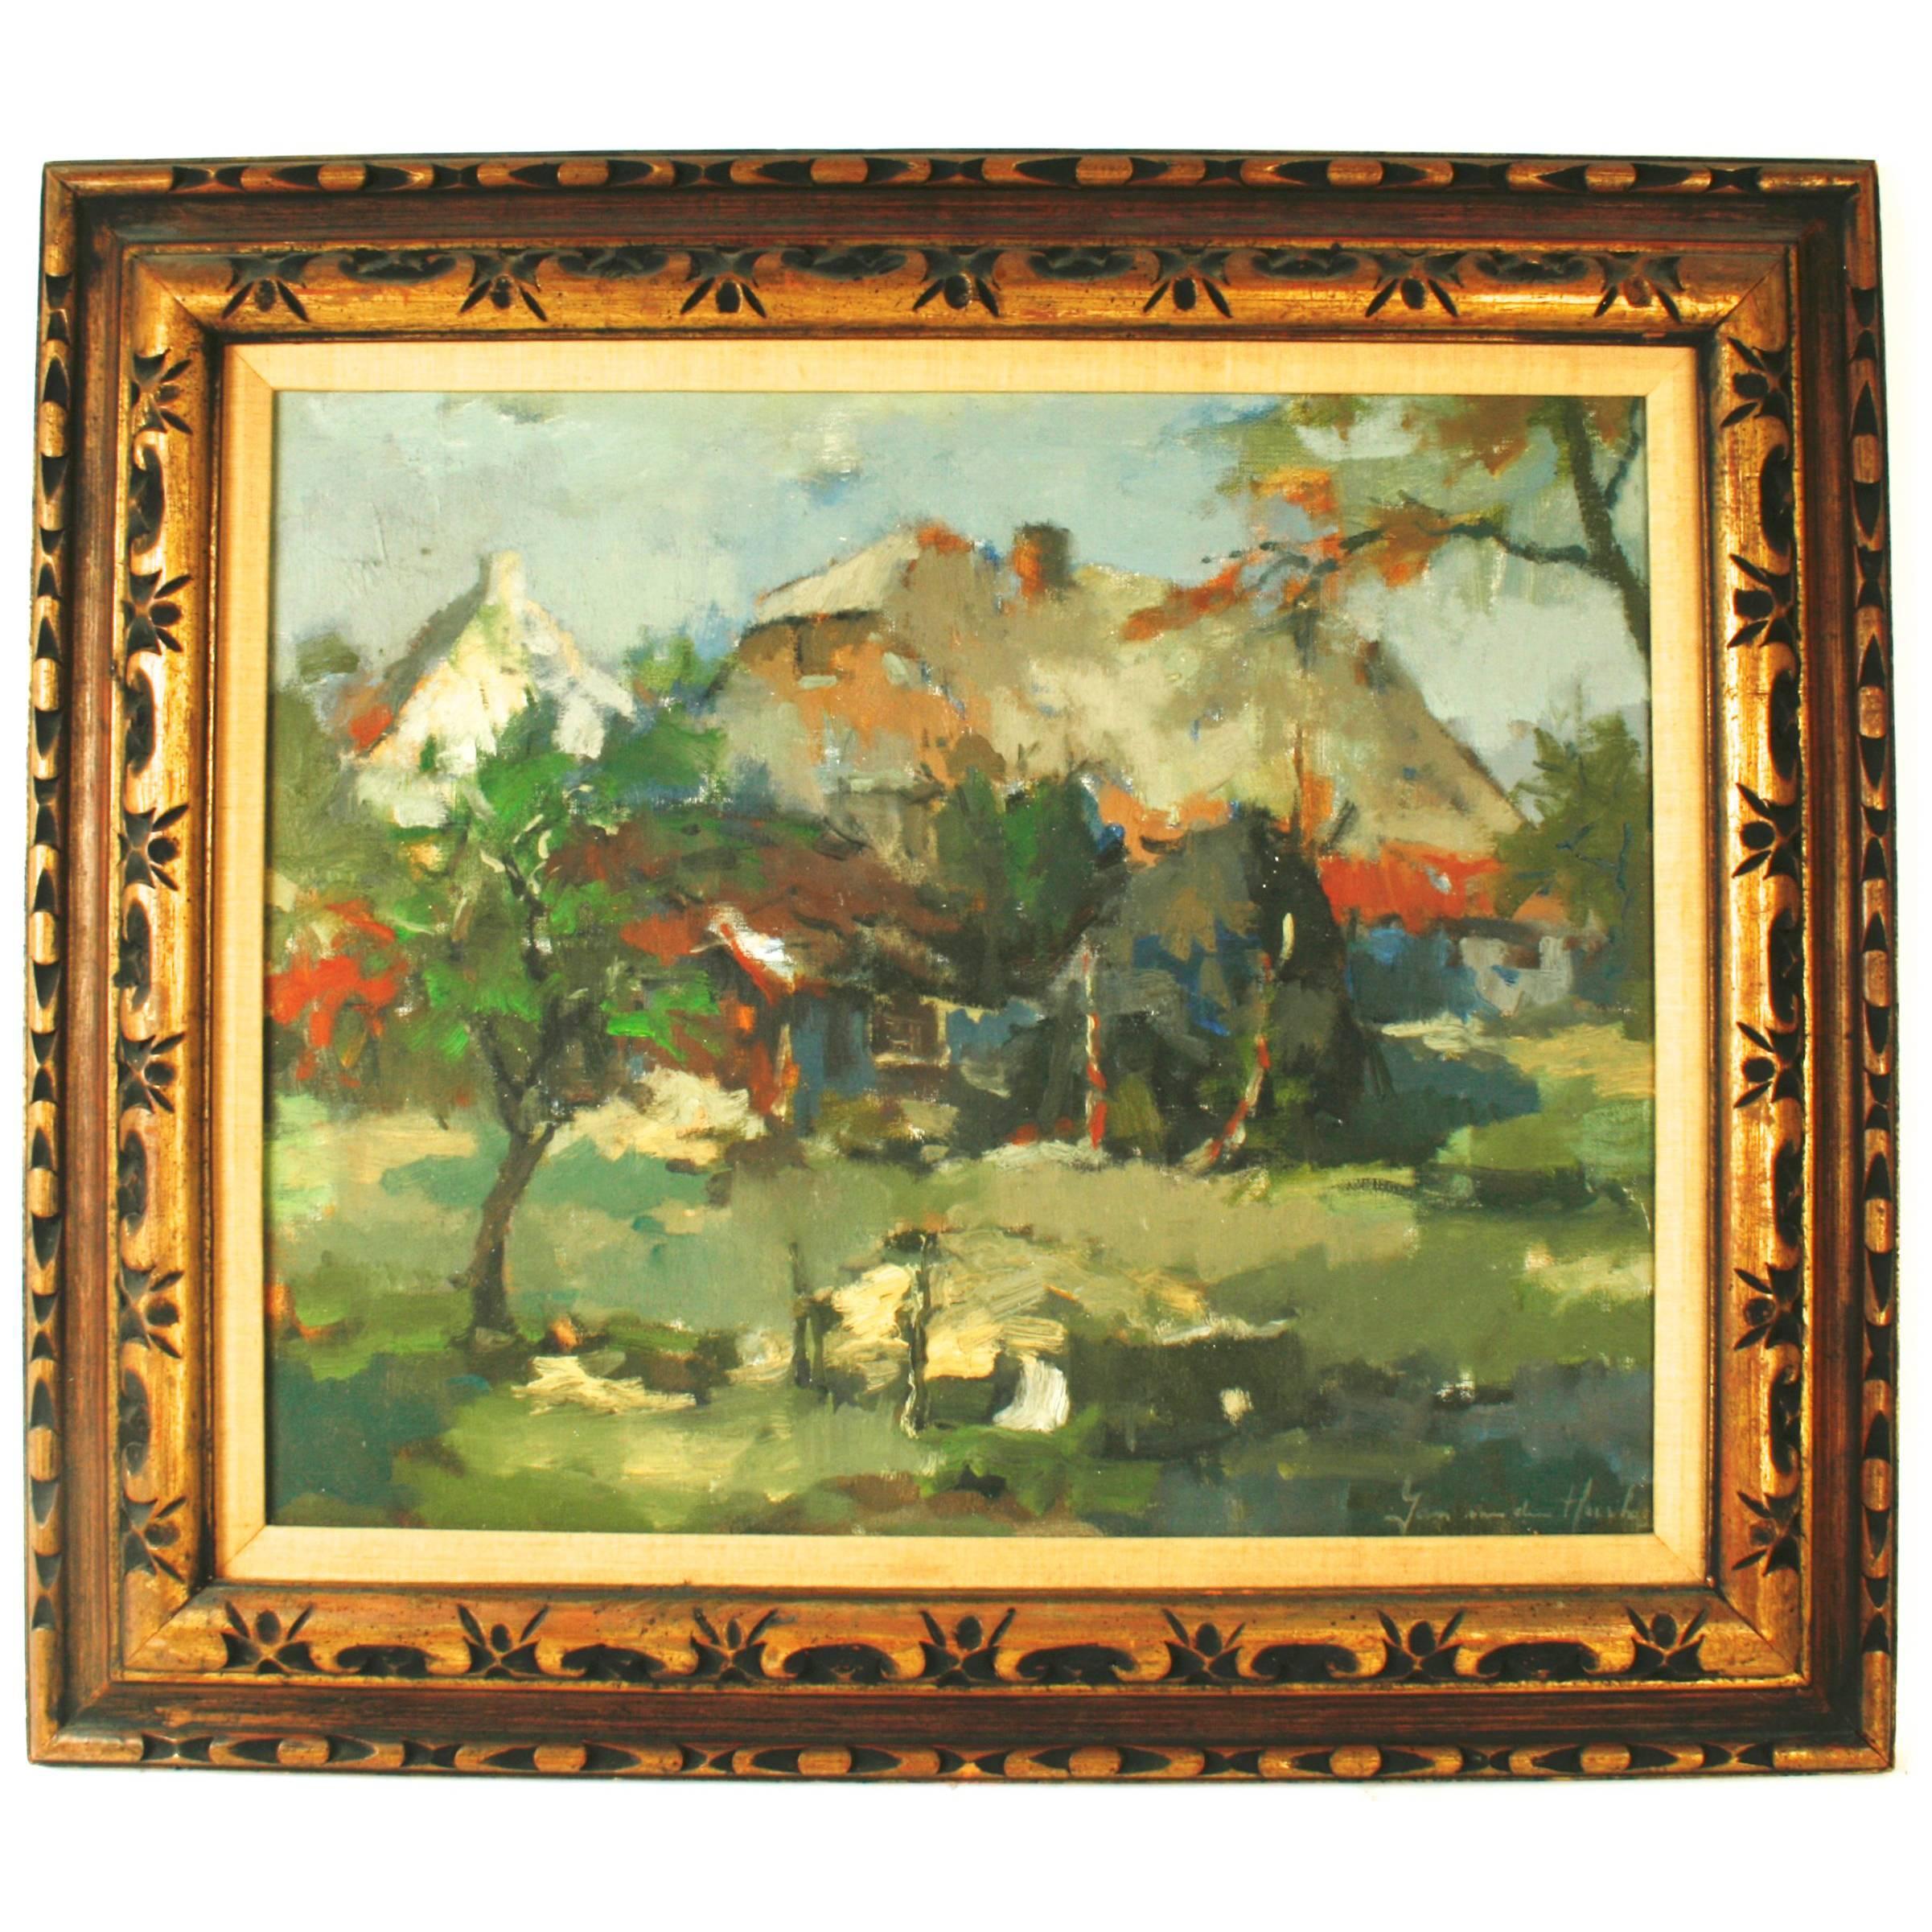 Dutch Landscape Painting by Jan Van Den Hurk, Mid-20th c